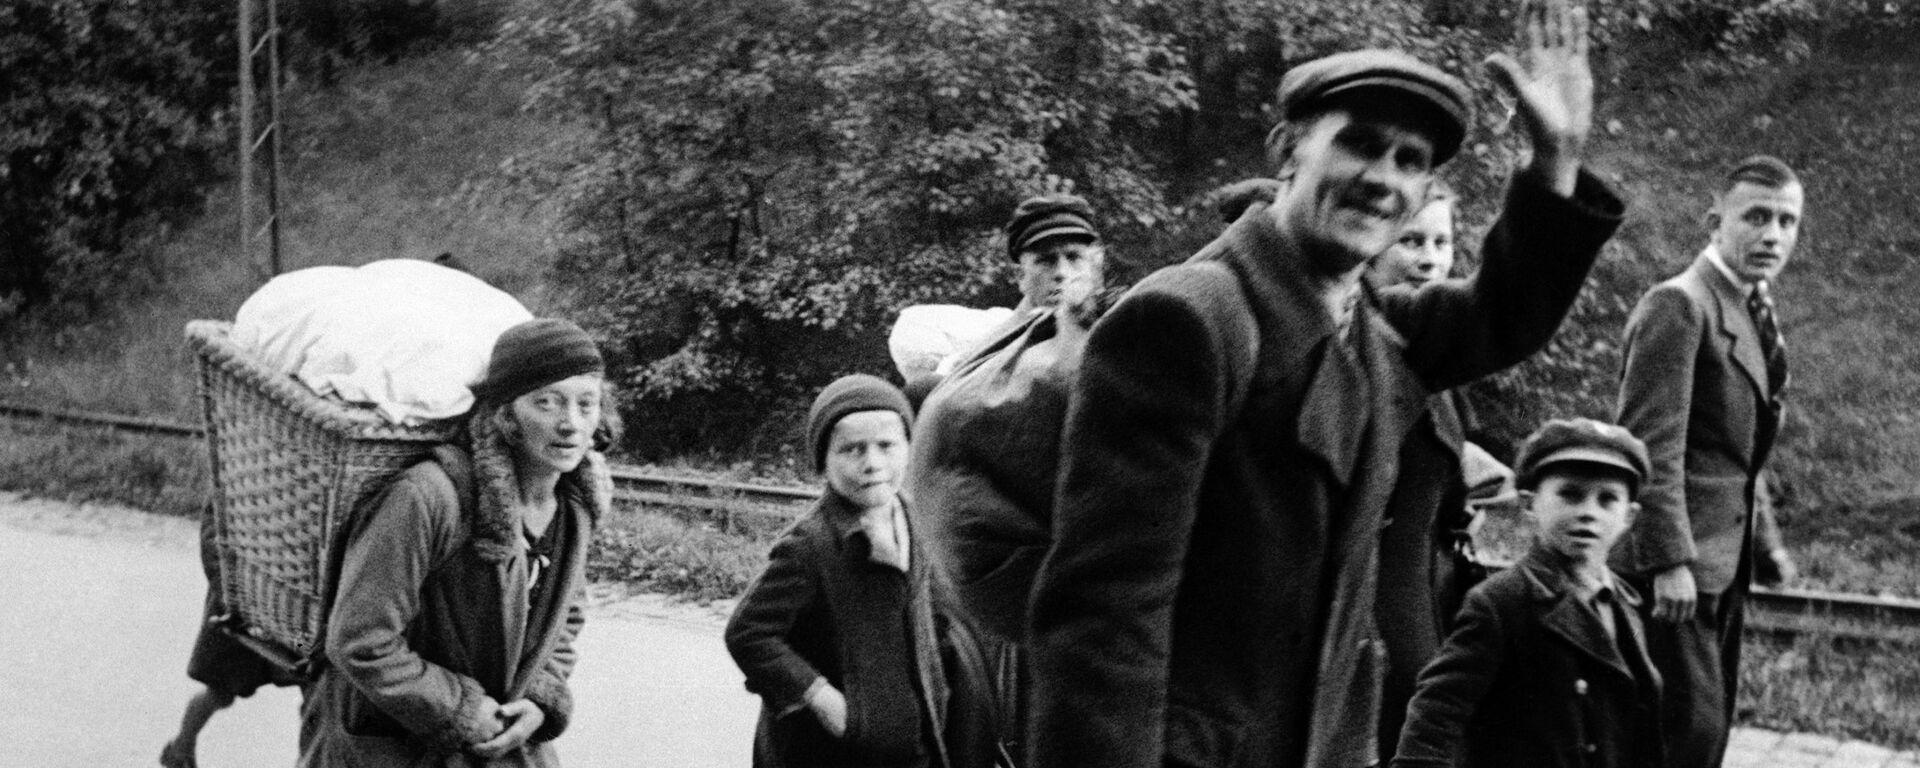 Sudetští němci - Sputnik Česká republika, 1920, 23.12.2020